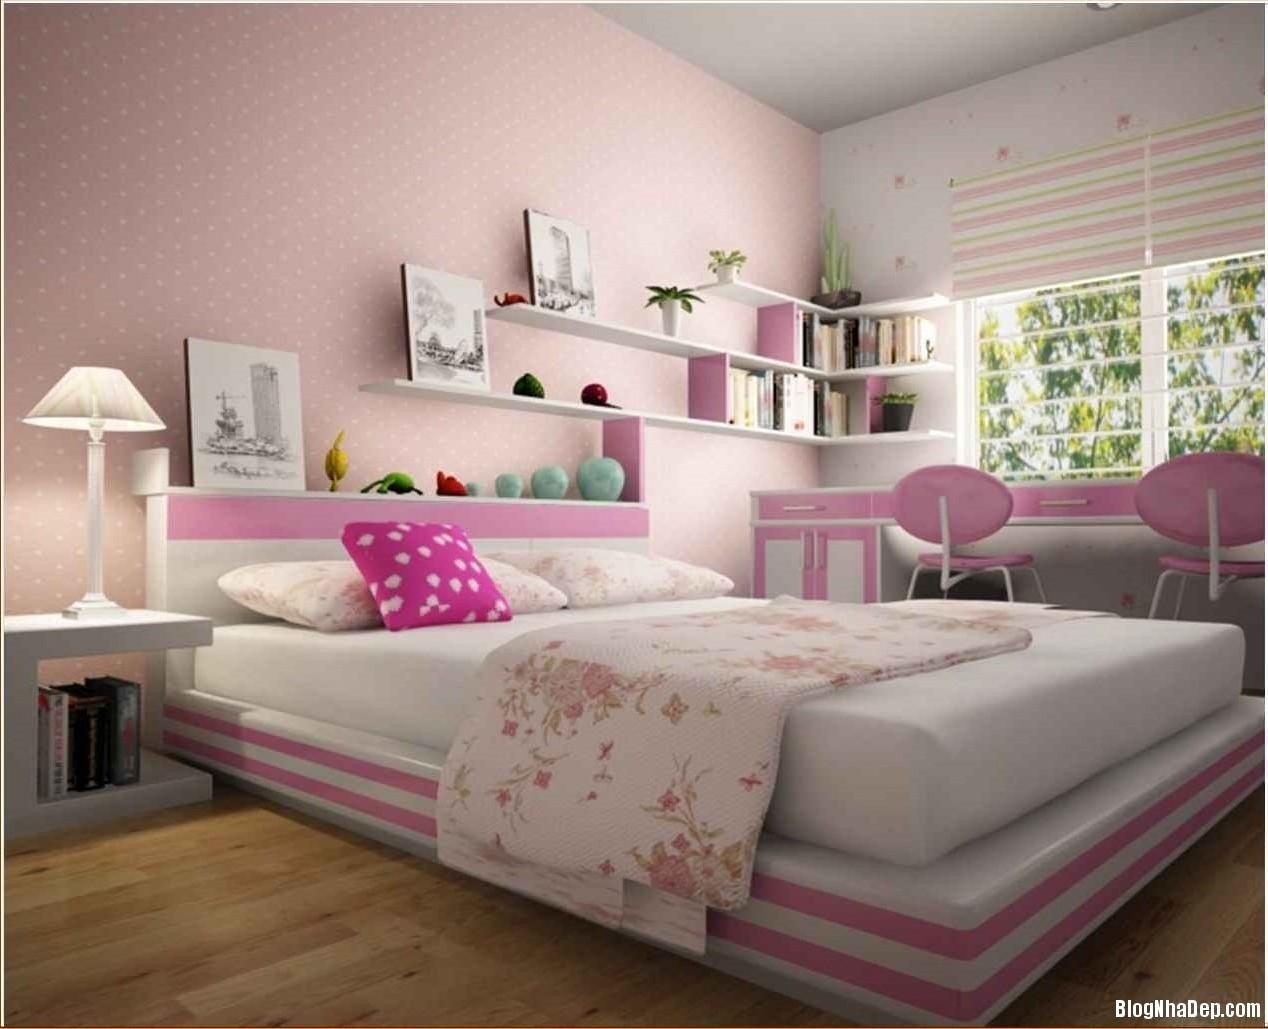 trang tri phong ngu dep 005 0 Trang trí nội thất cho phòng ngủ nhỏ